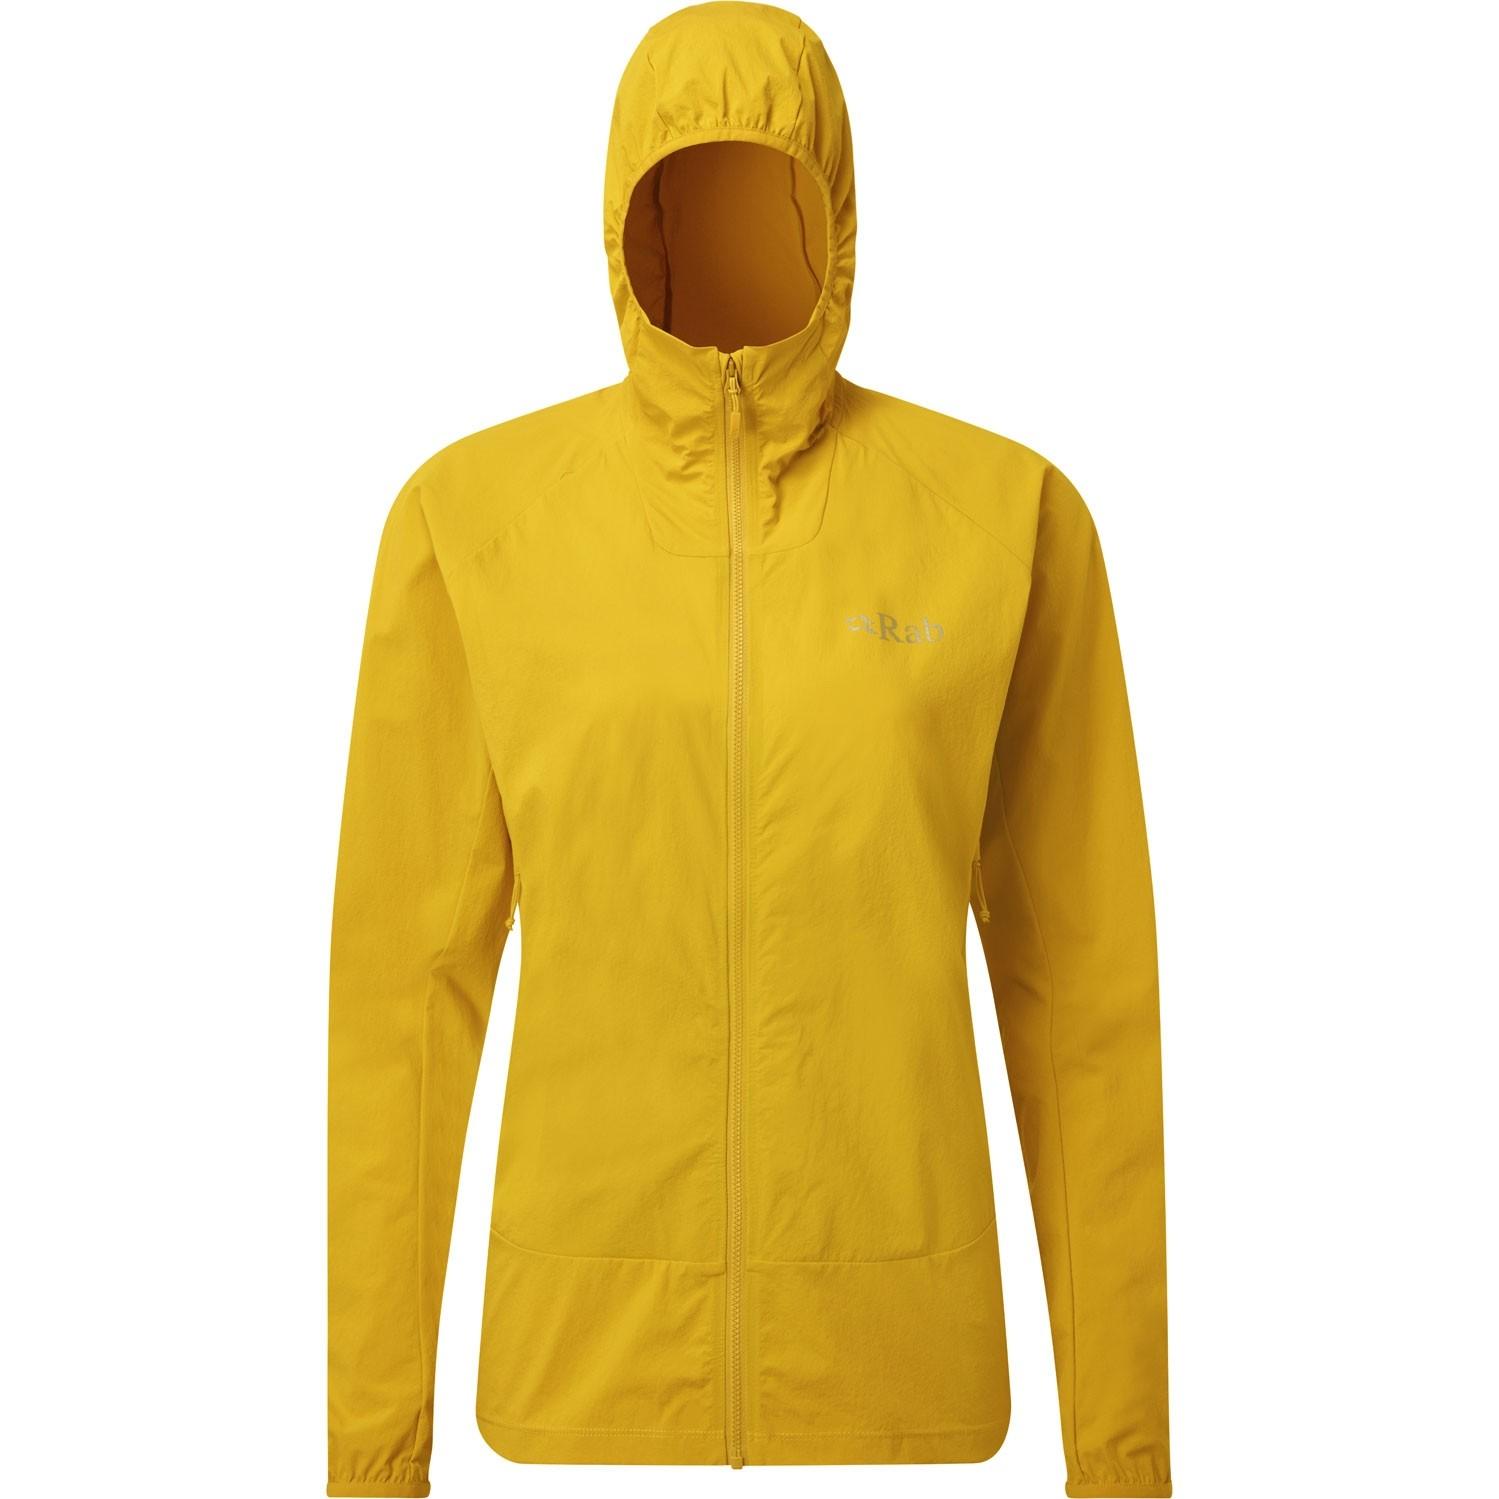 Rab Borealis Softshell Jacket - Women's - Sulphur